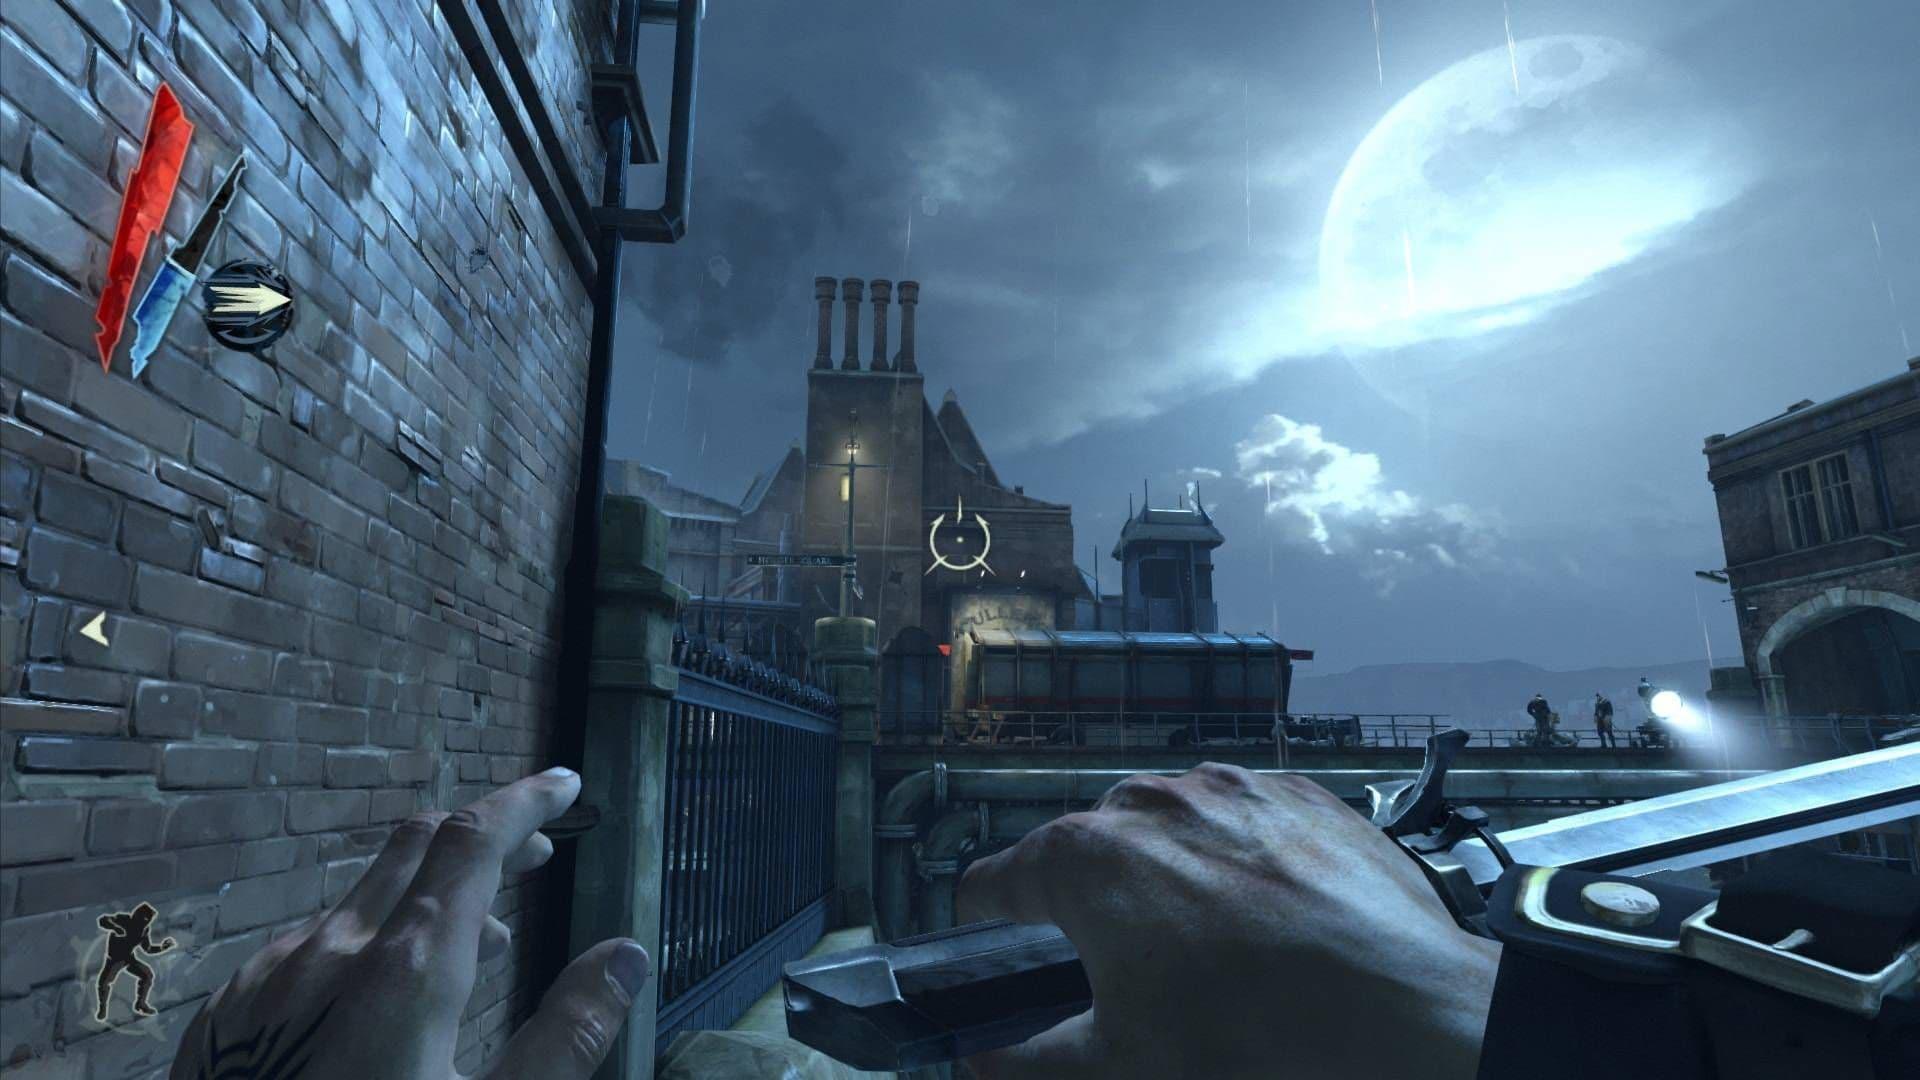 Xbox Game Pass gry najlepsza fabuła - seria Dishonored